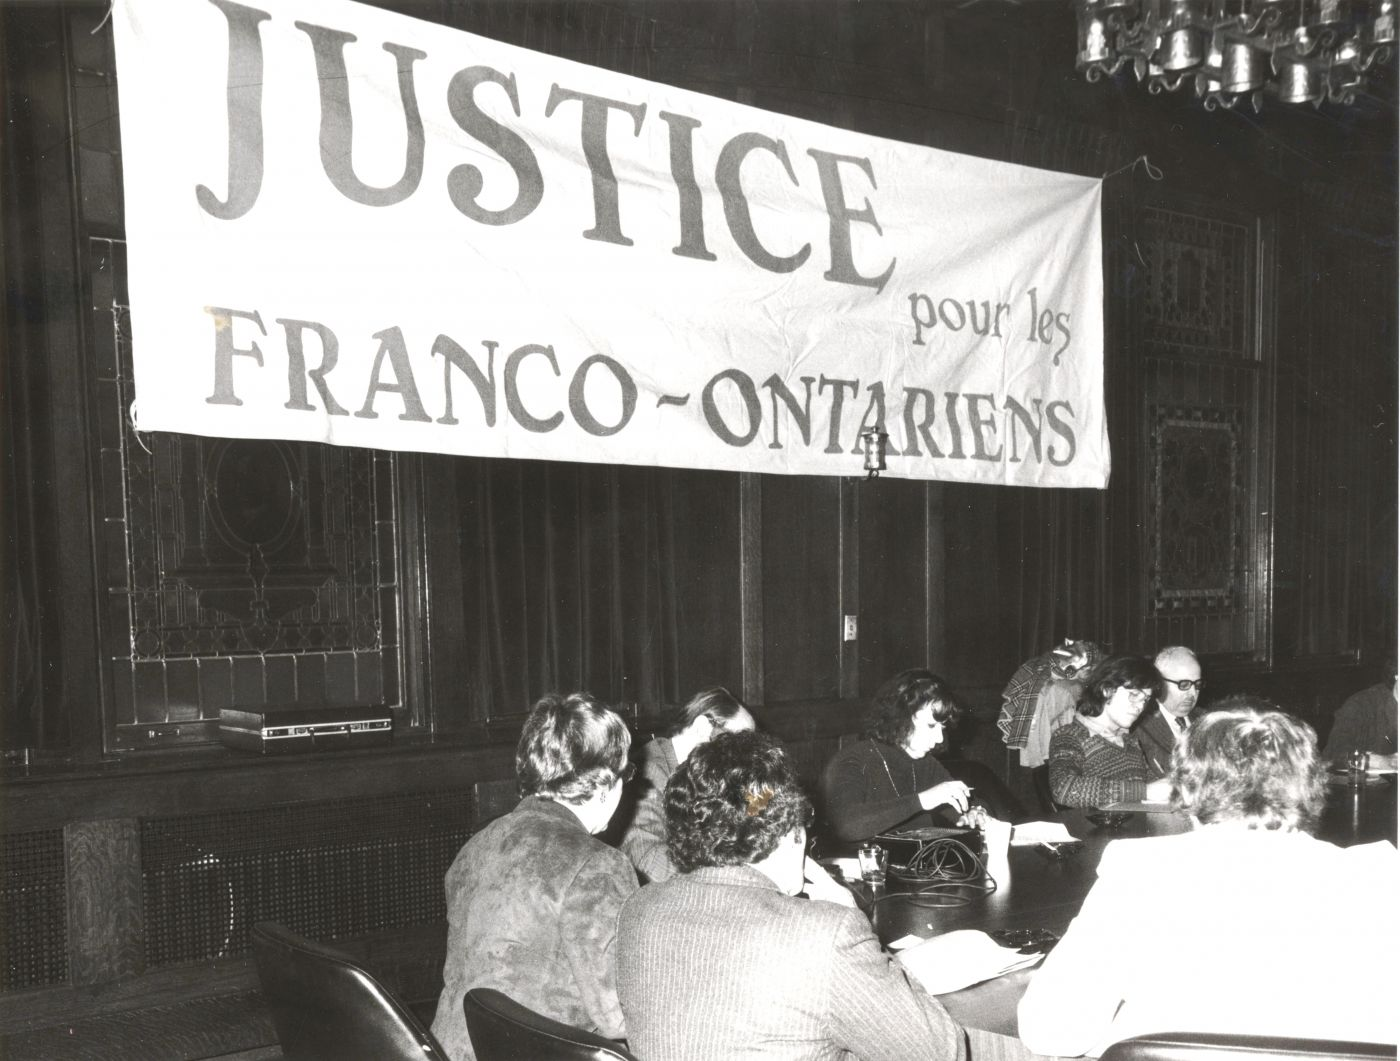 Photographie en noir et blanc d'une réunion qui se tient dans une salle aux murs sombres, masqués par une bannière où est inscrit : « JUSTICE pour les FRANCO-ONTARIENS ». Apparaissent, de dos, une dizaine d'hommes et des femmes, assis à une table de conférence.